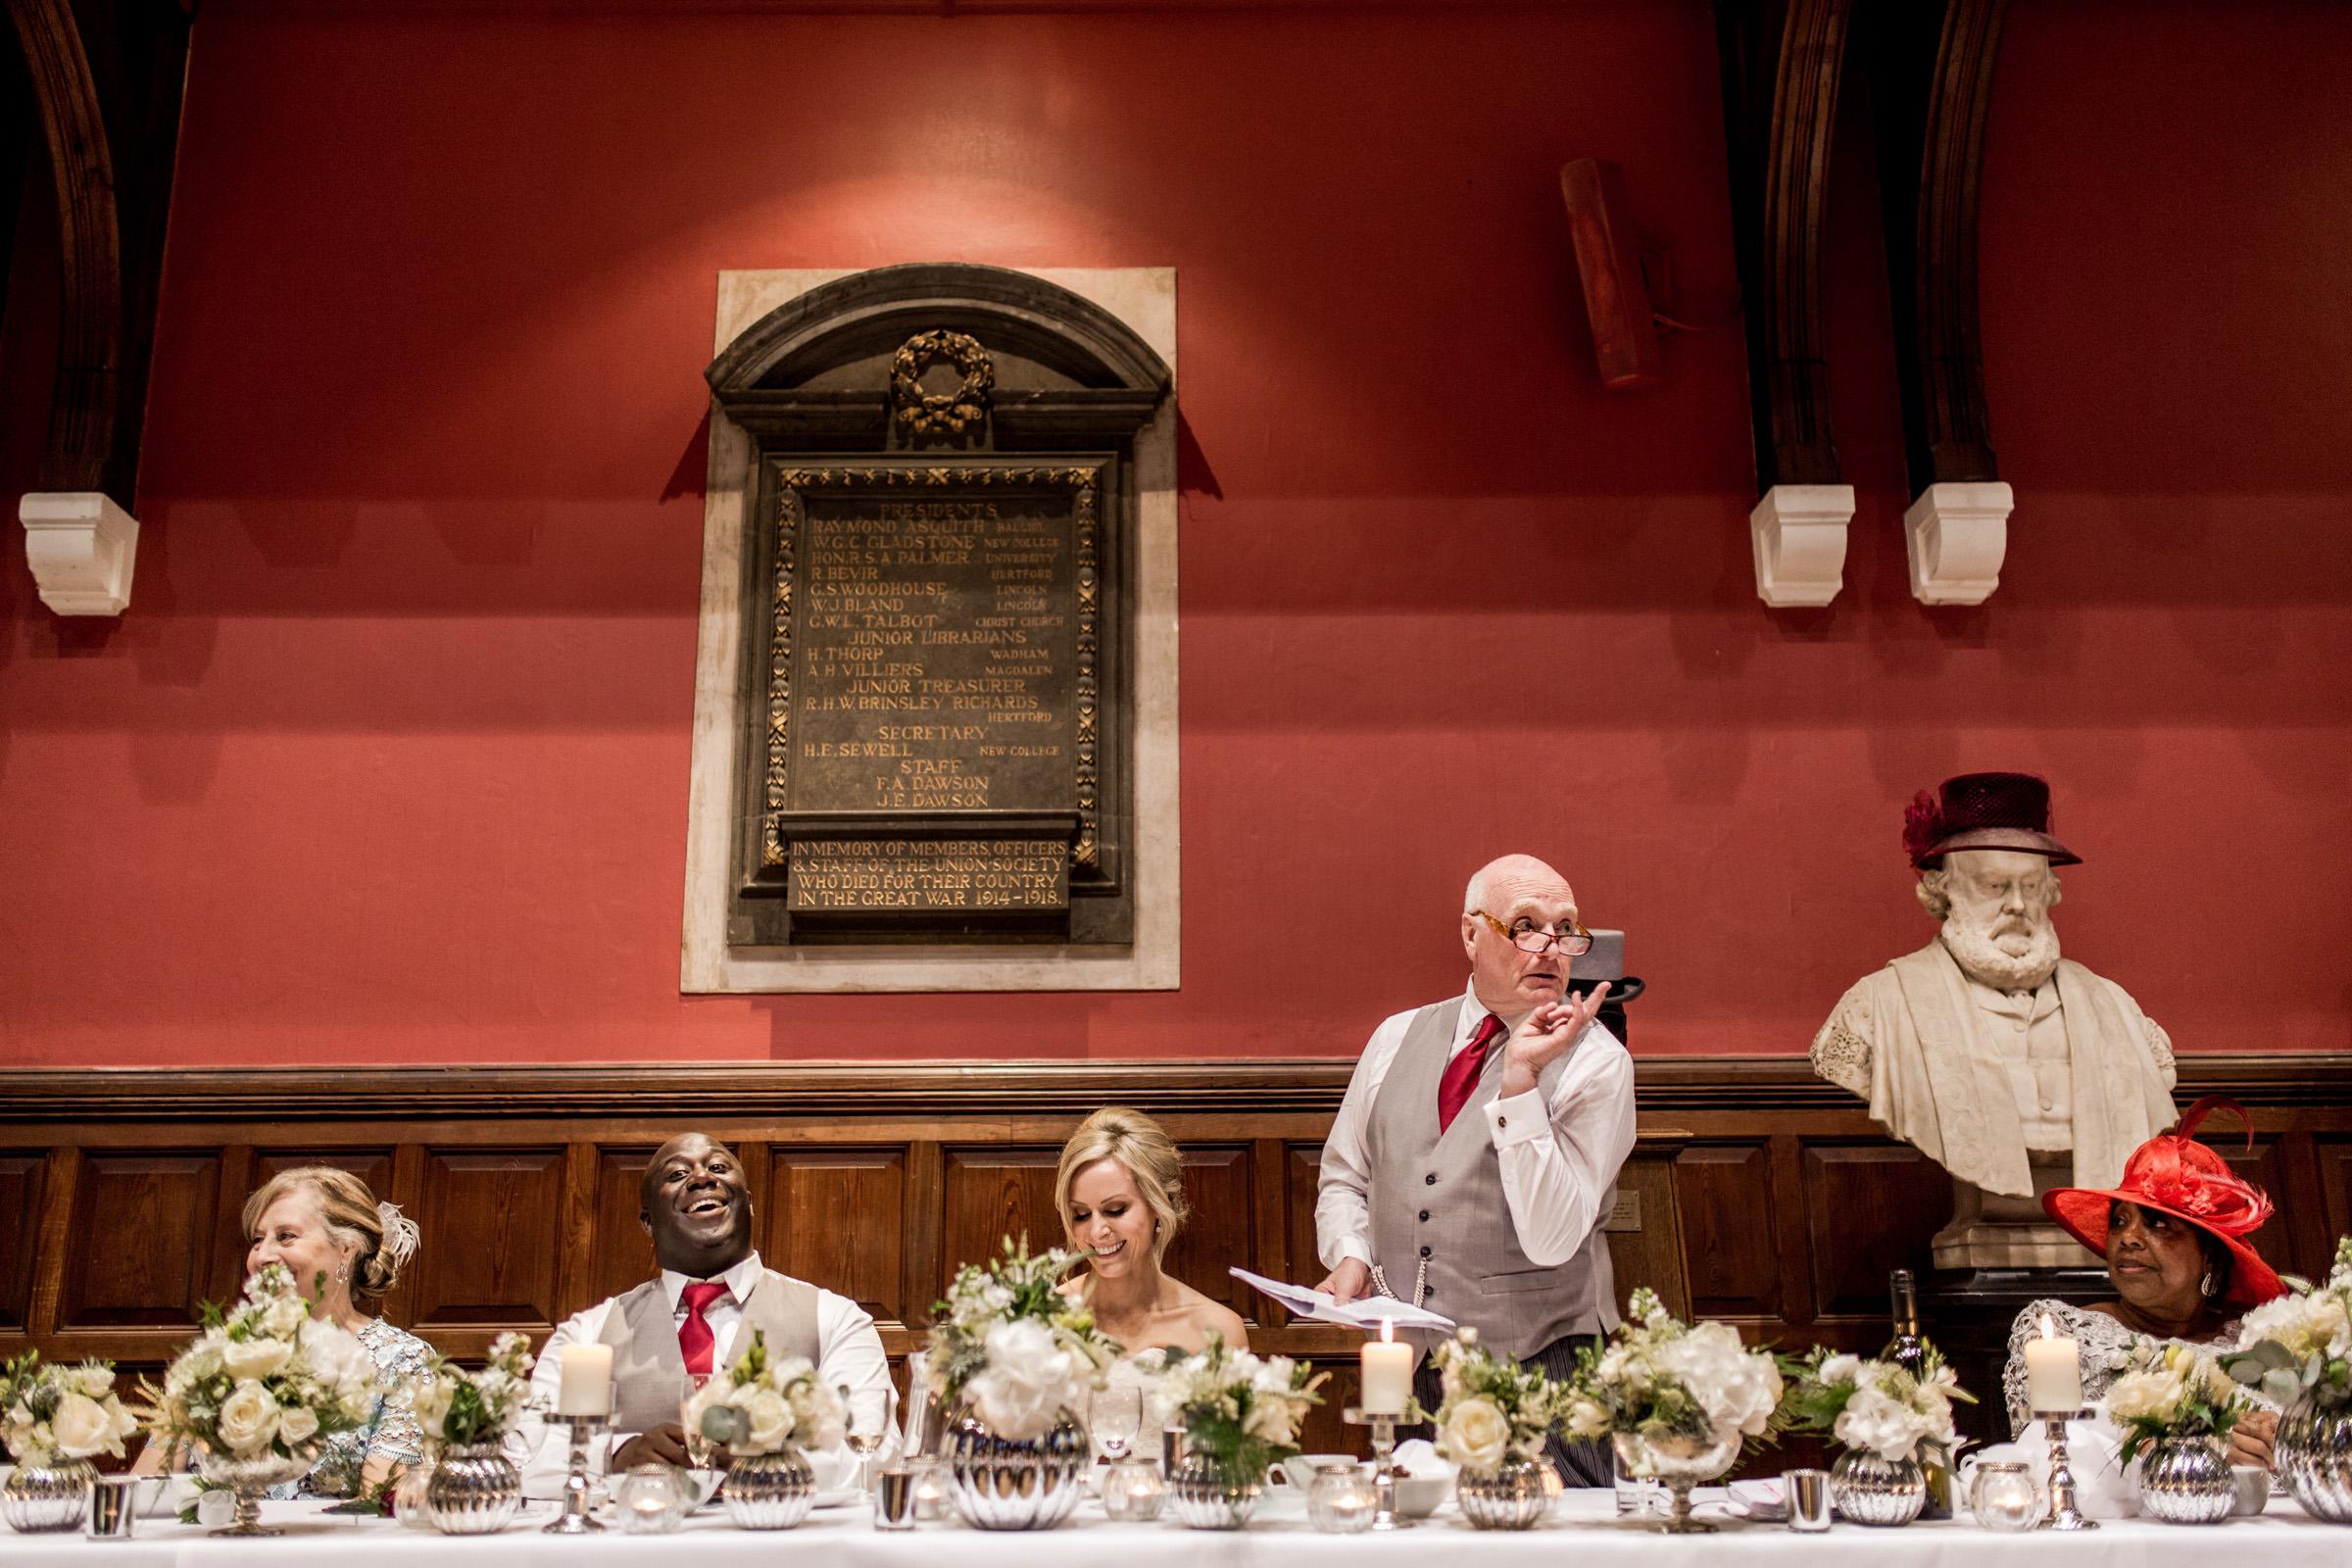 牛津大学的牛津大学的婚礼